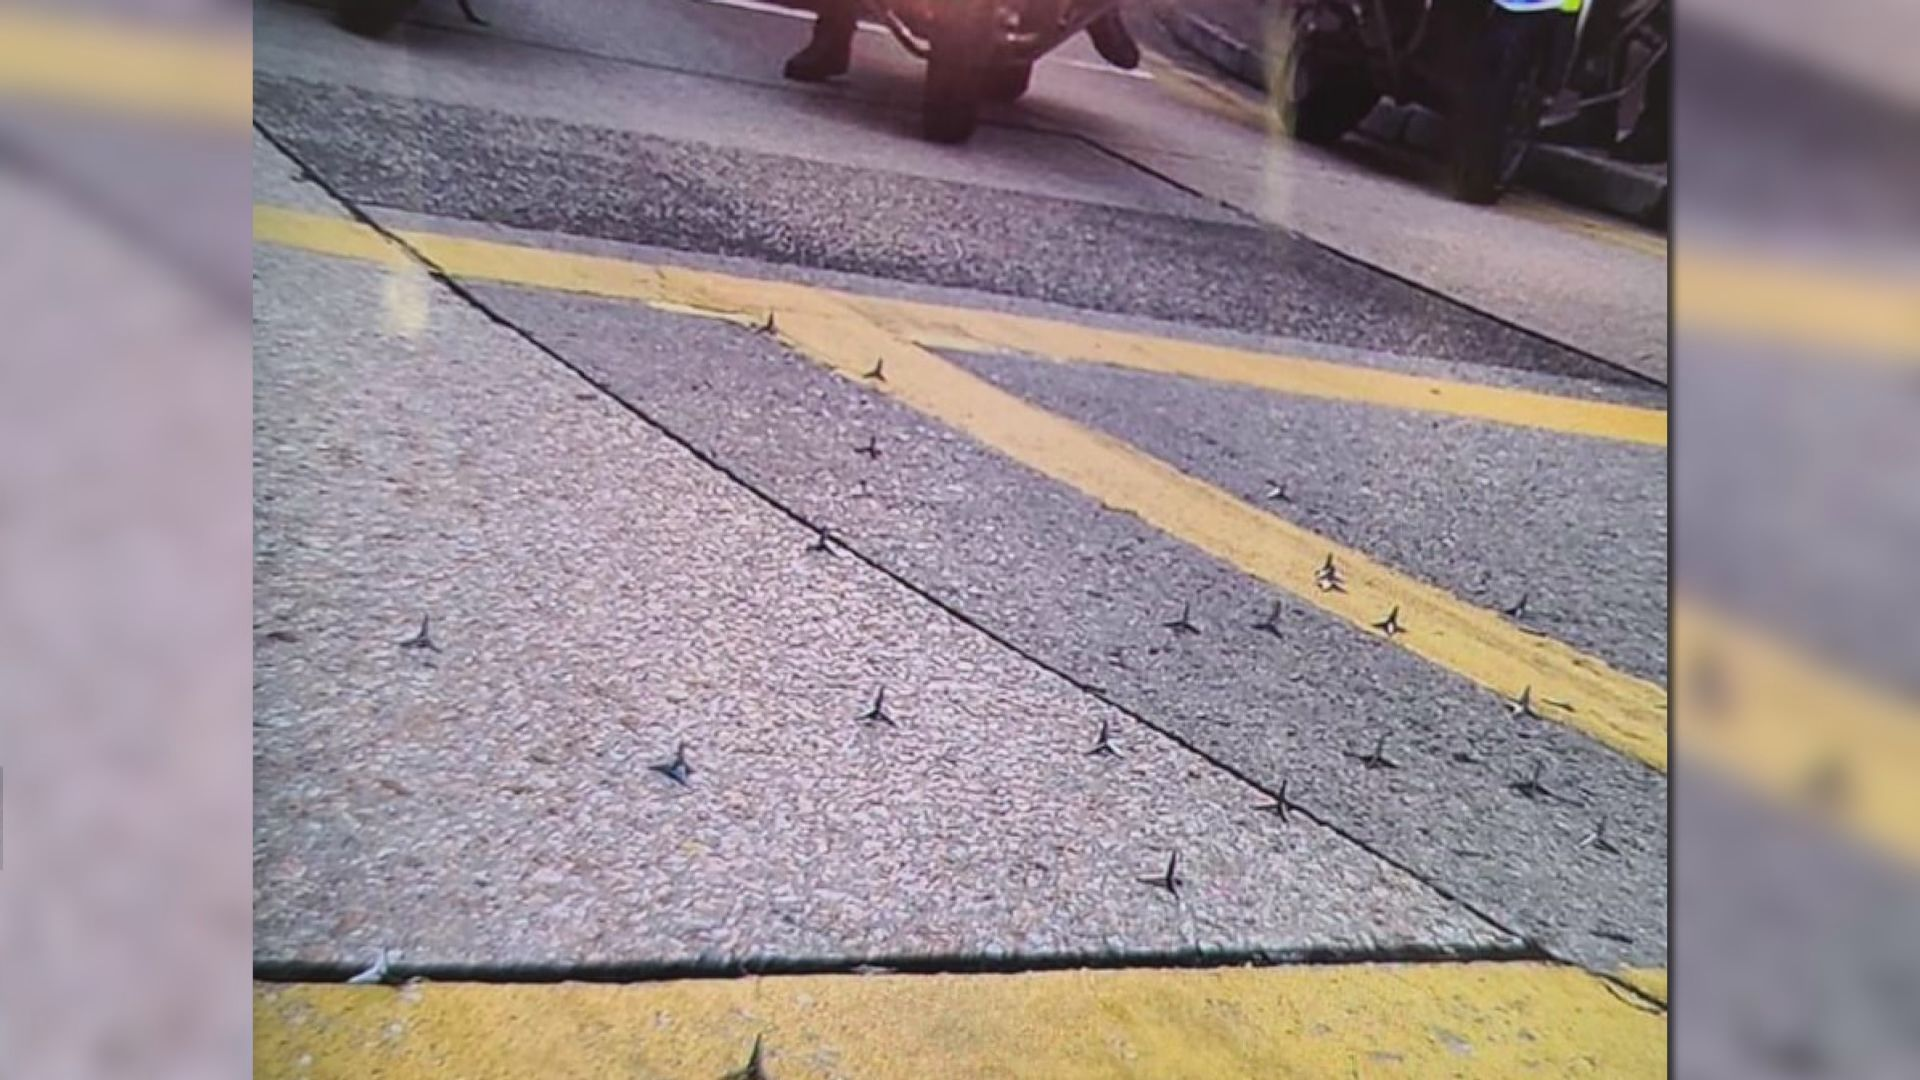 警指多區有人堵路放鐵釘 拘三人涉藏汽油彈及螺絲批